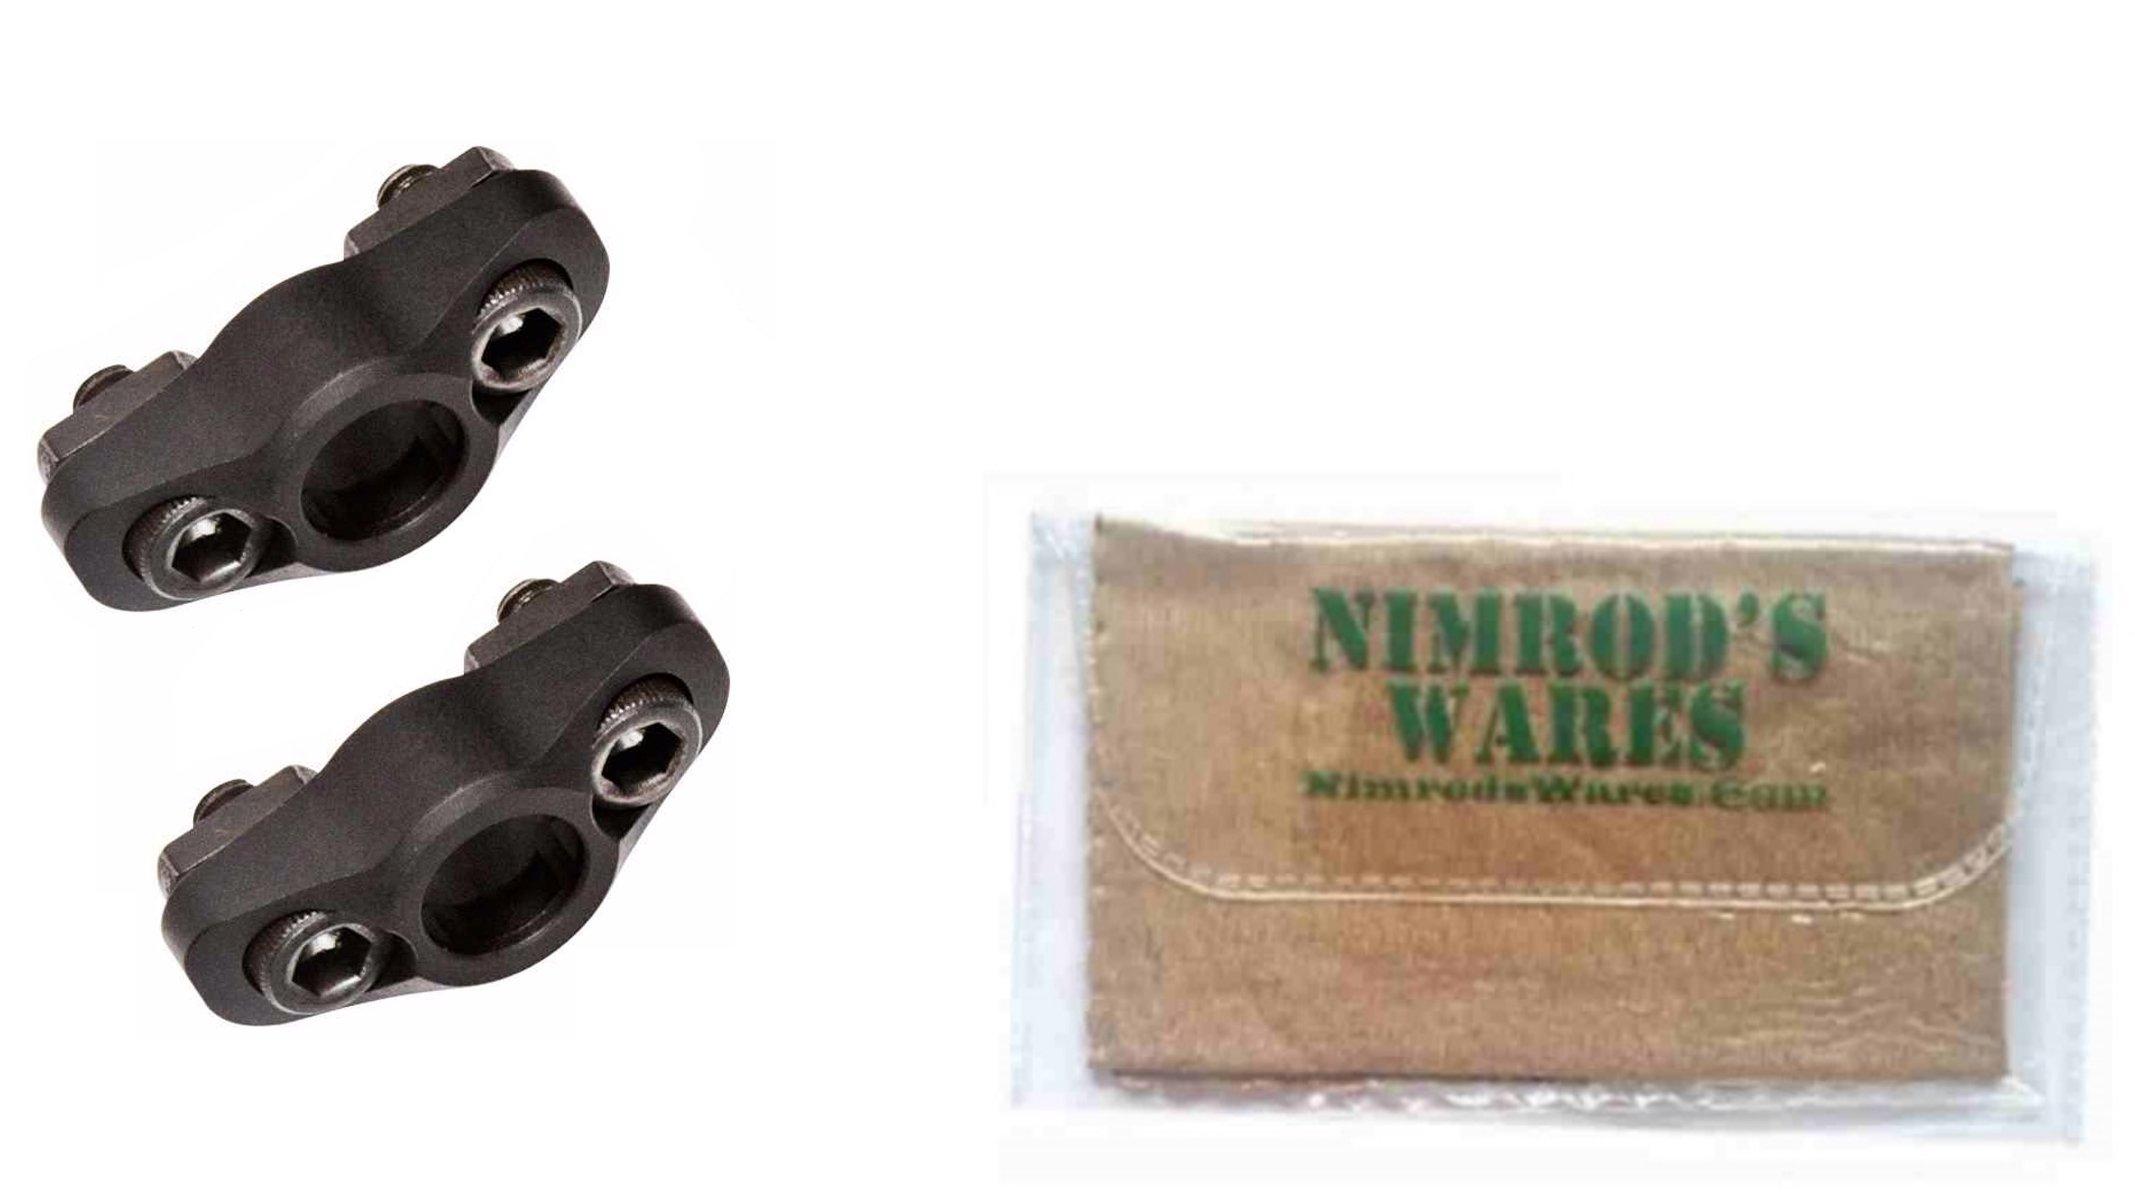 Nimrod's Wares 2-Pack MAGPUL M-LOK Quick Detach (QD) Sling Mounts MAG606 Microfiber Cloth